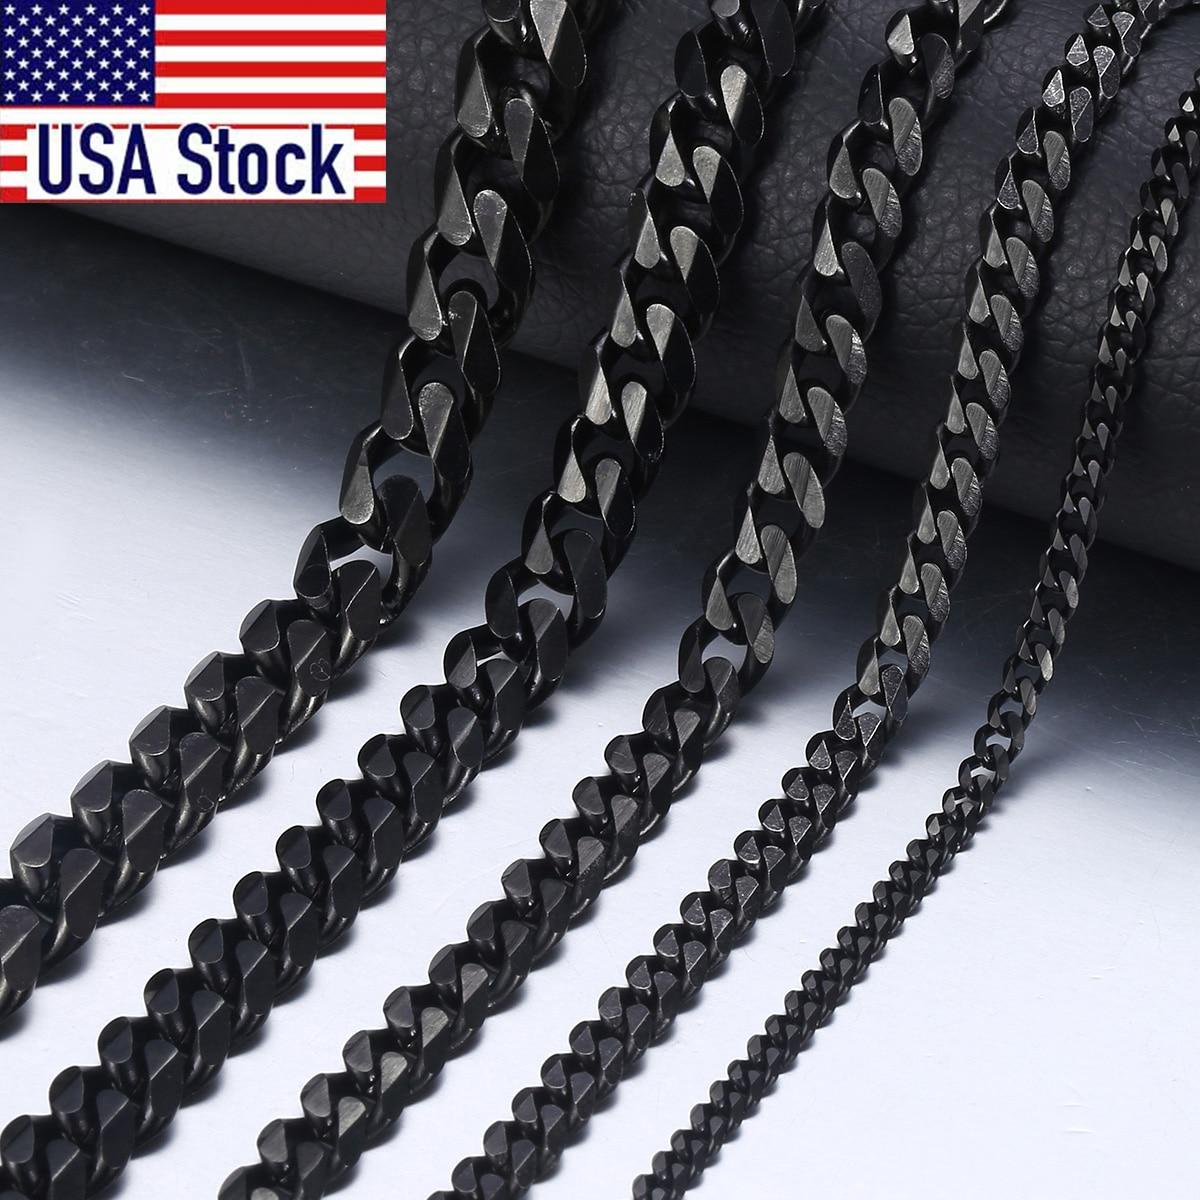 Männer Halskette Edelstahl Cuban Link Kette Schwarz Gold Halsketten Für Männer 18-36